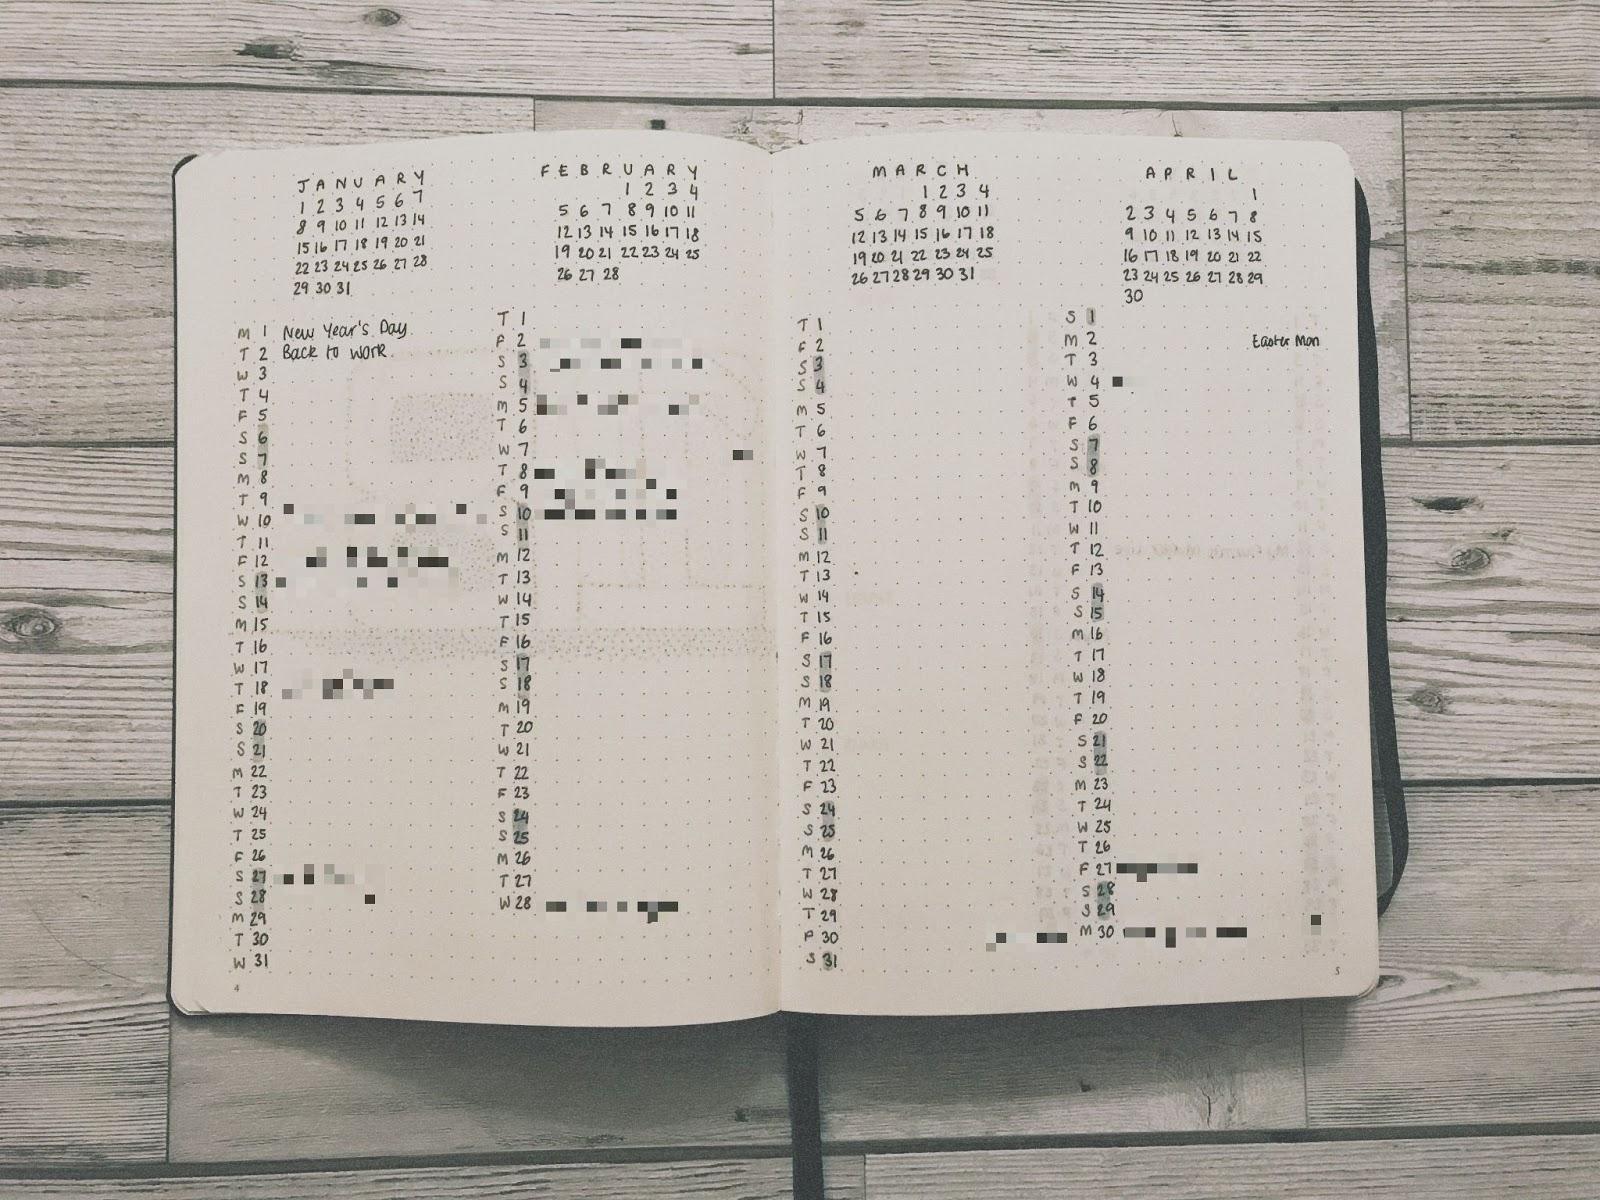 Future log for January - April 2018